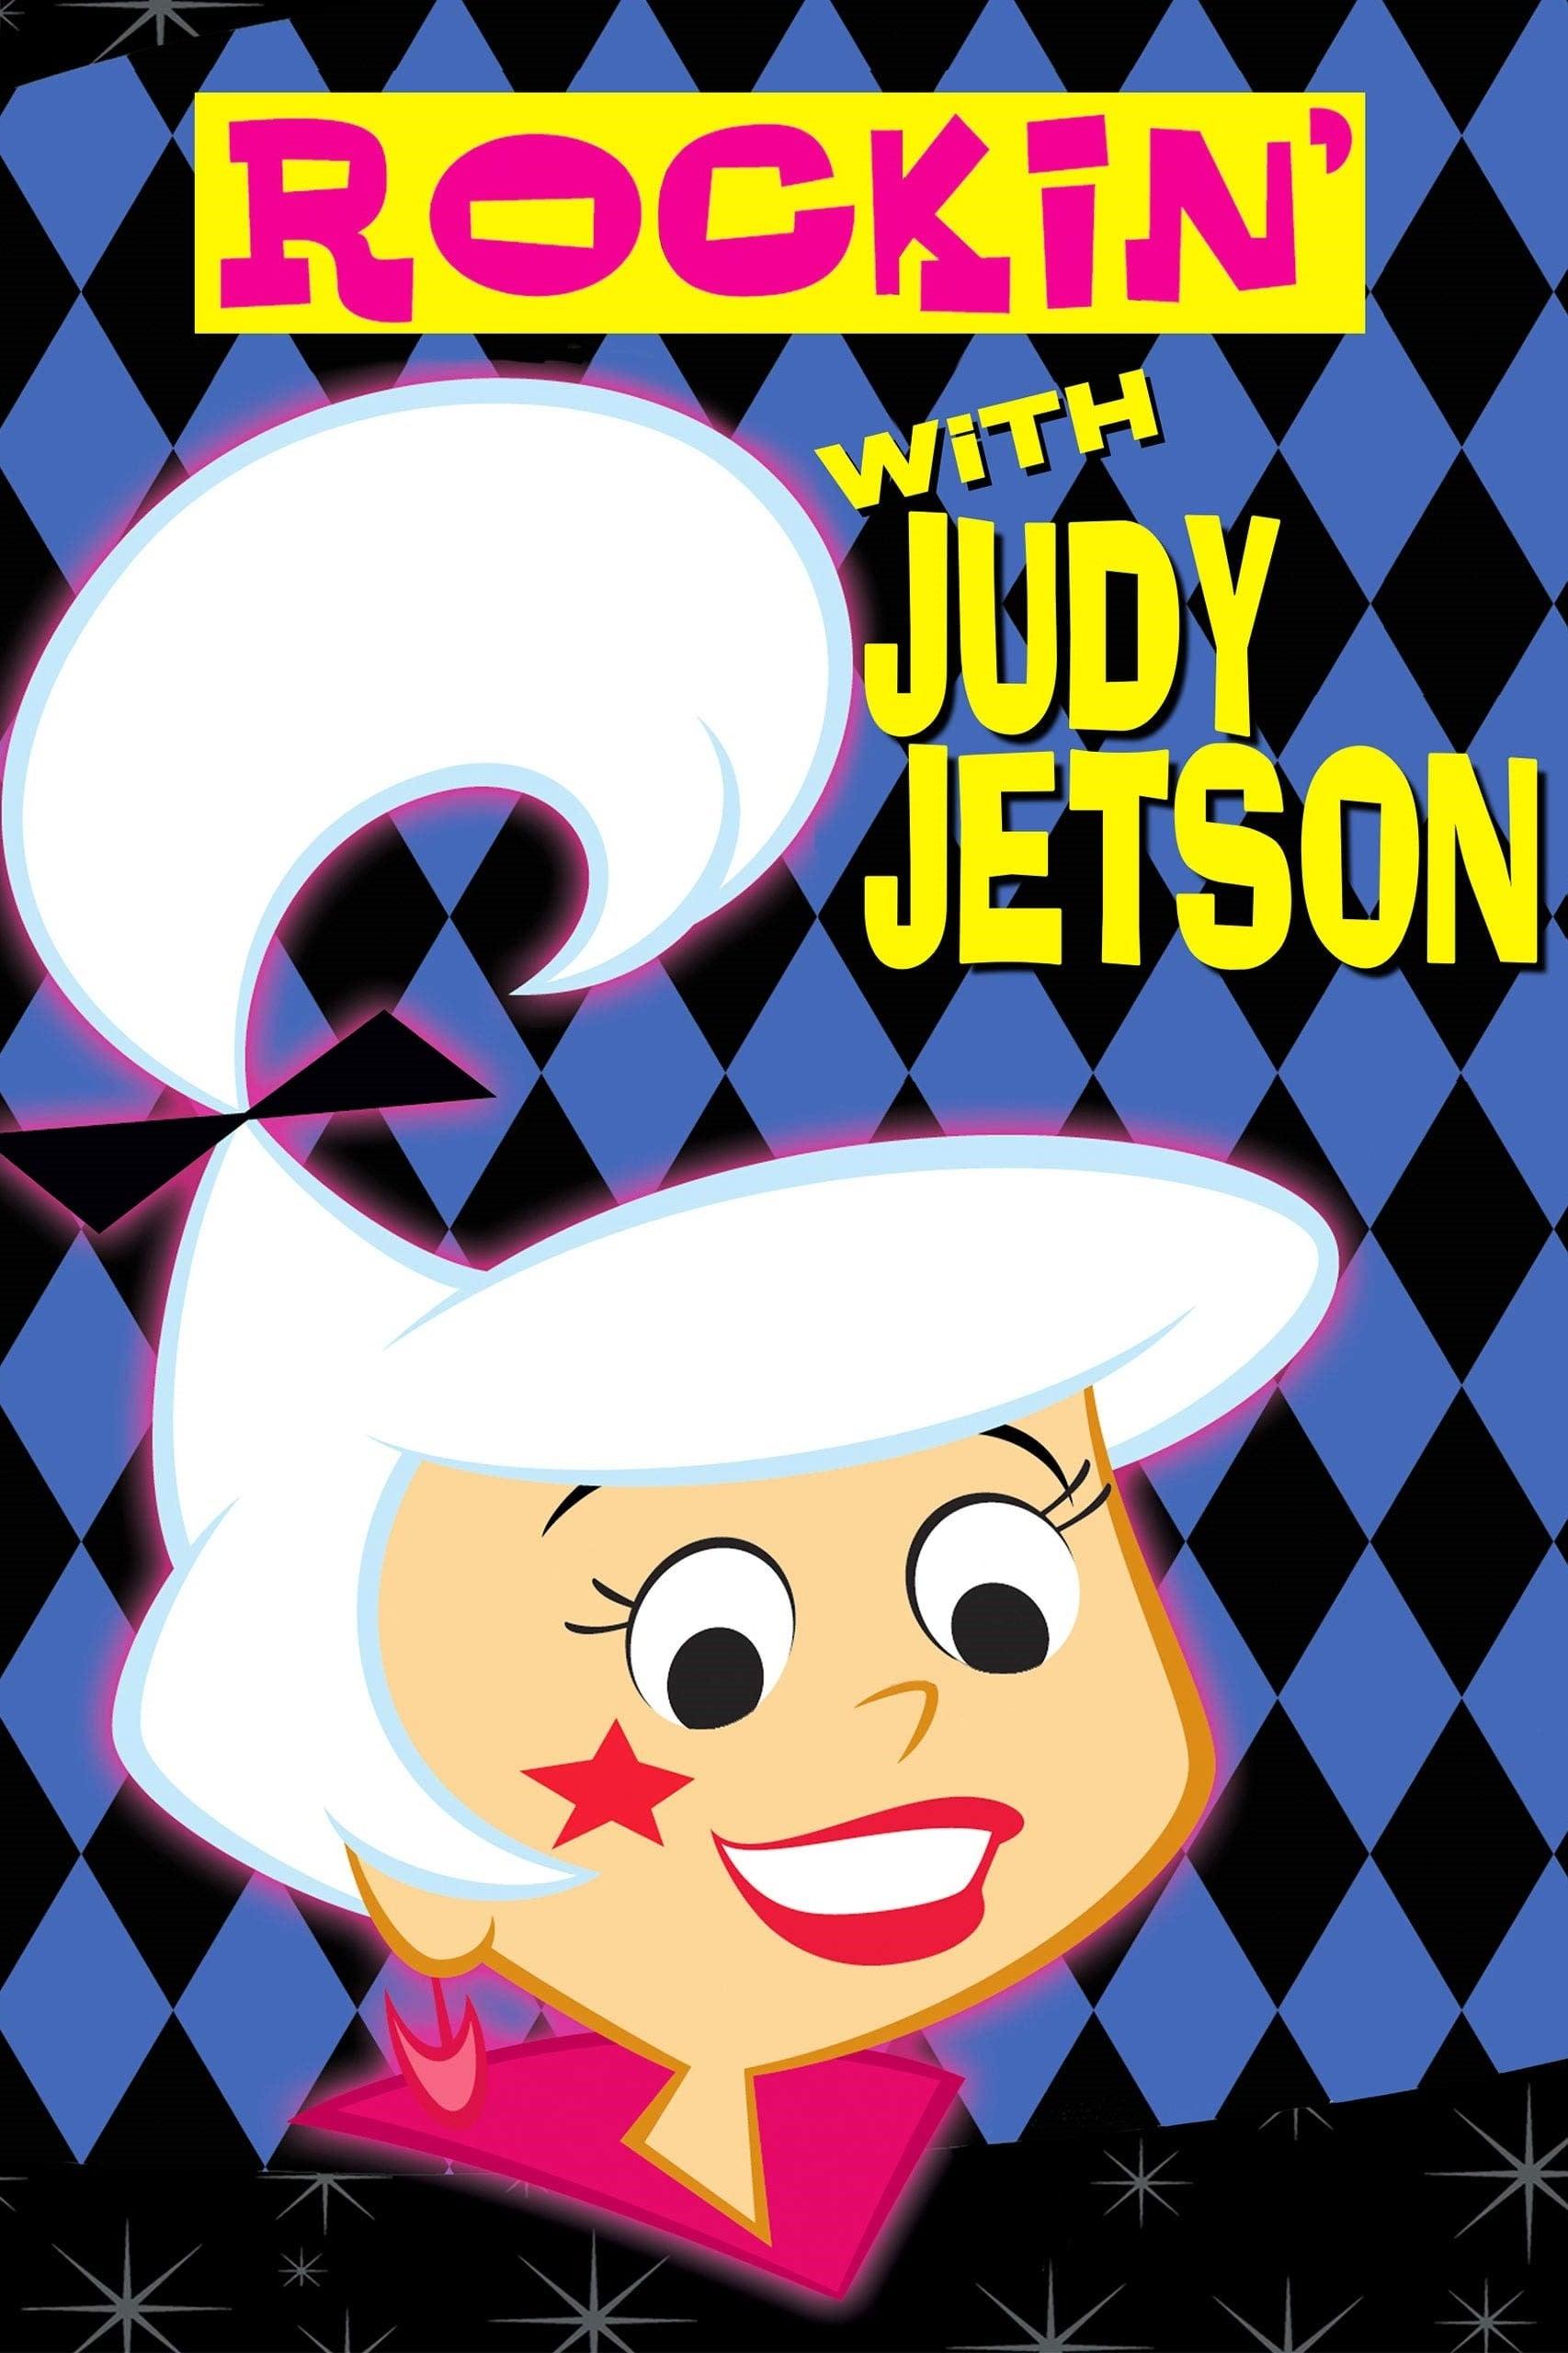 Rockin' with Judy Jetson (1988)